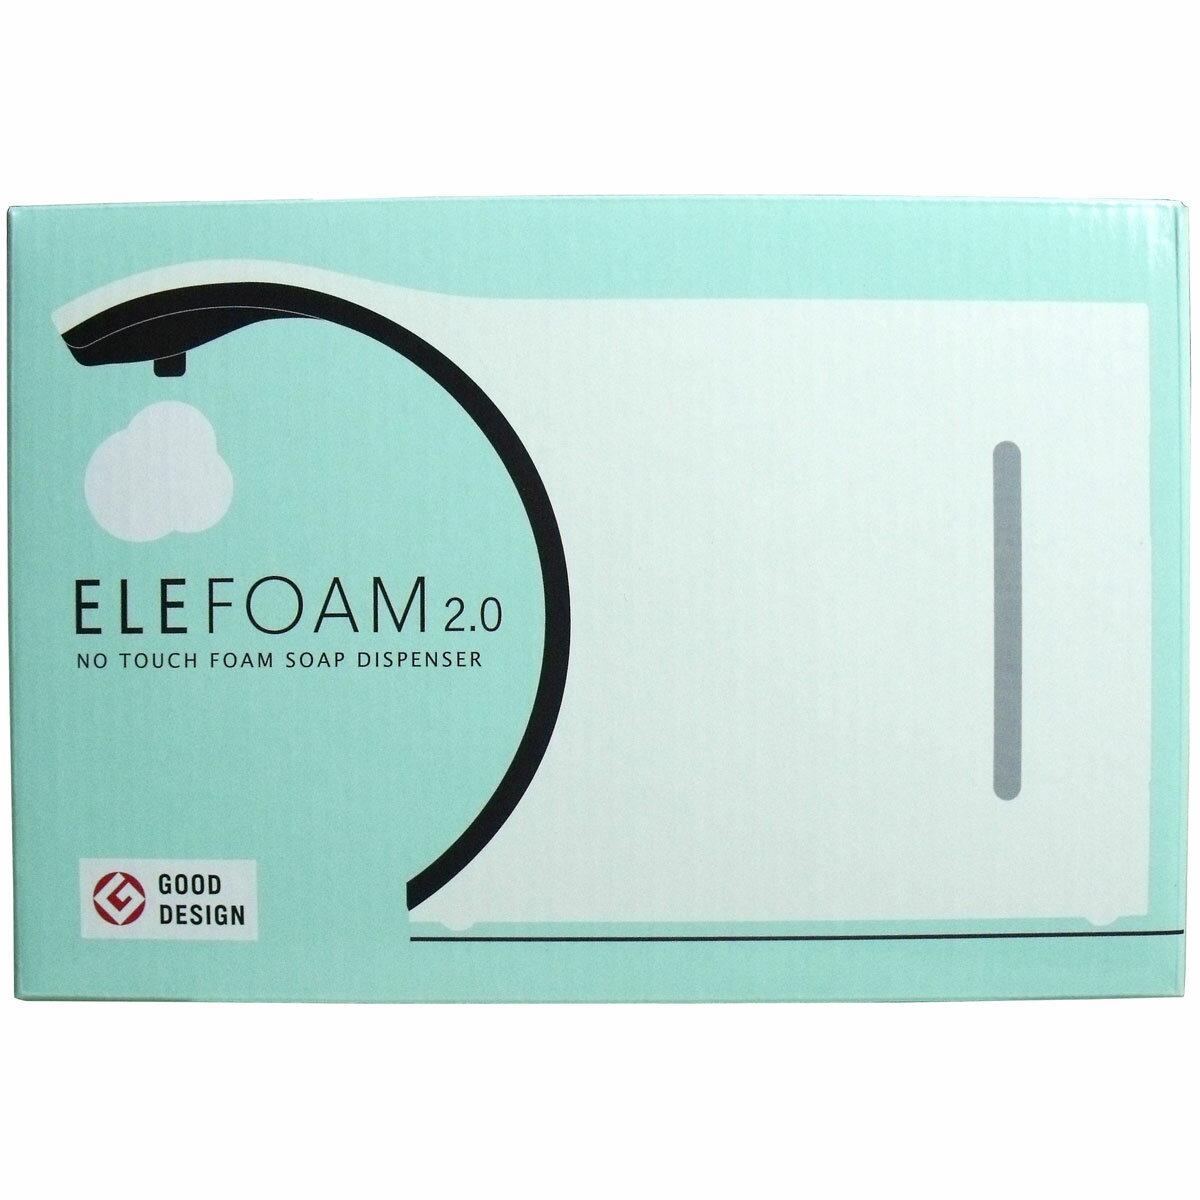 ノータッチ式ディスペンサー ELEFOAM(エレフォーム)2.0 スノーホワイト UD-6100W ソープディスペンサー サラヤ